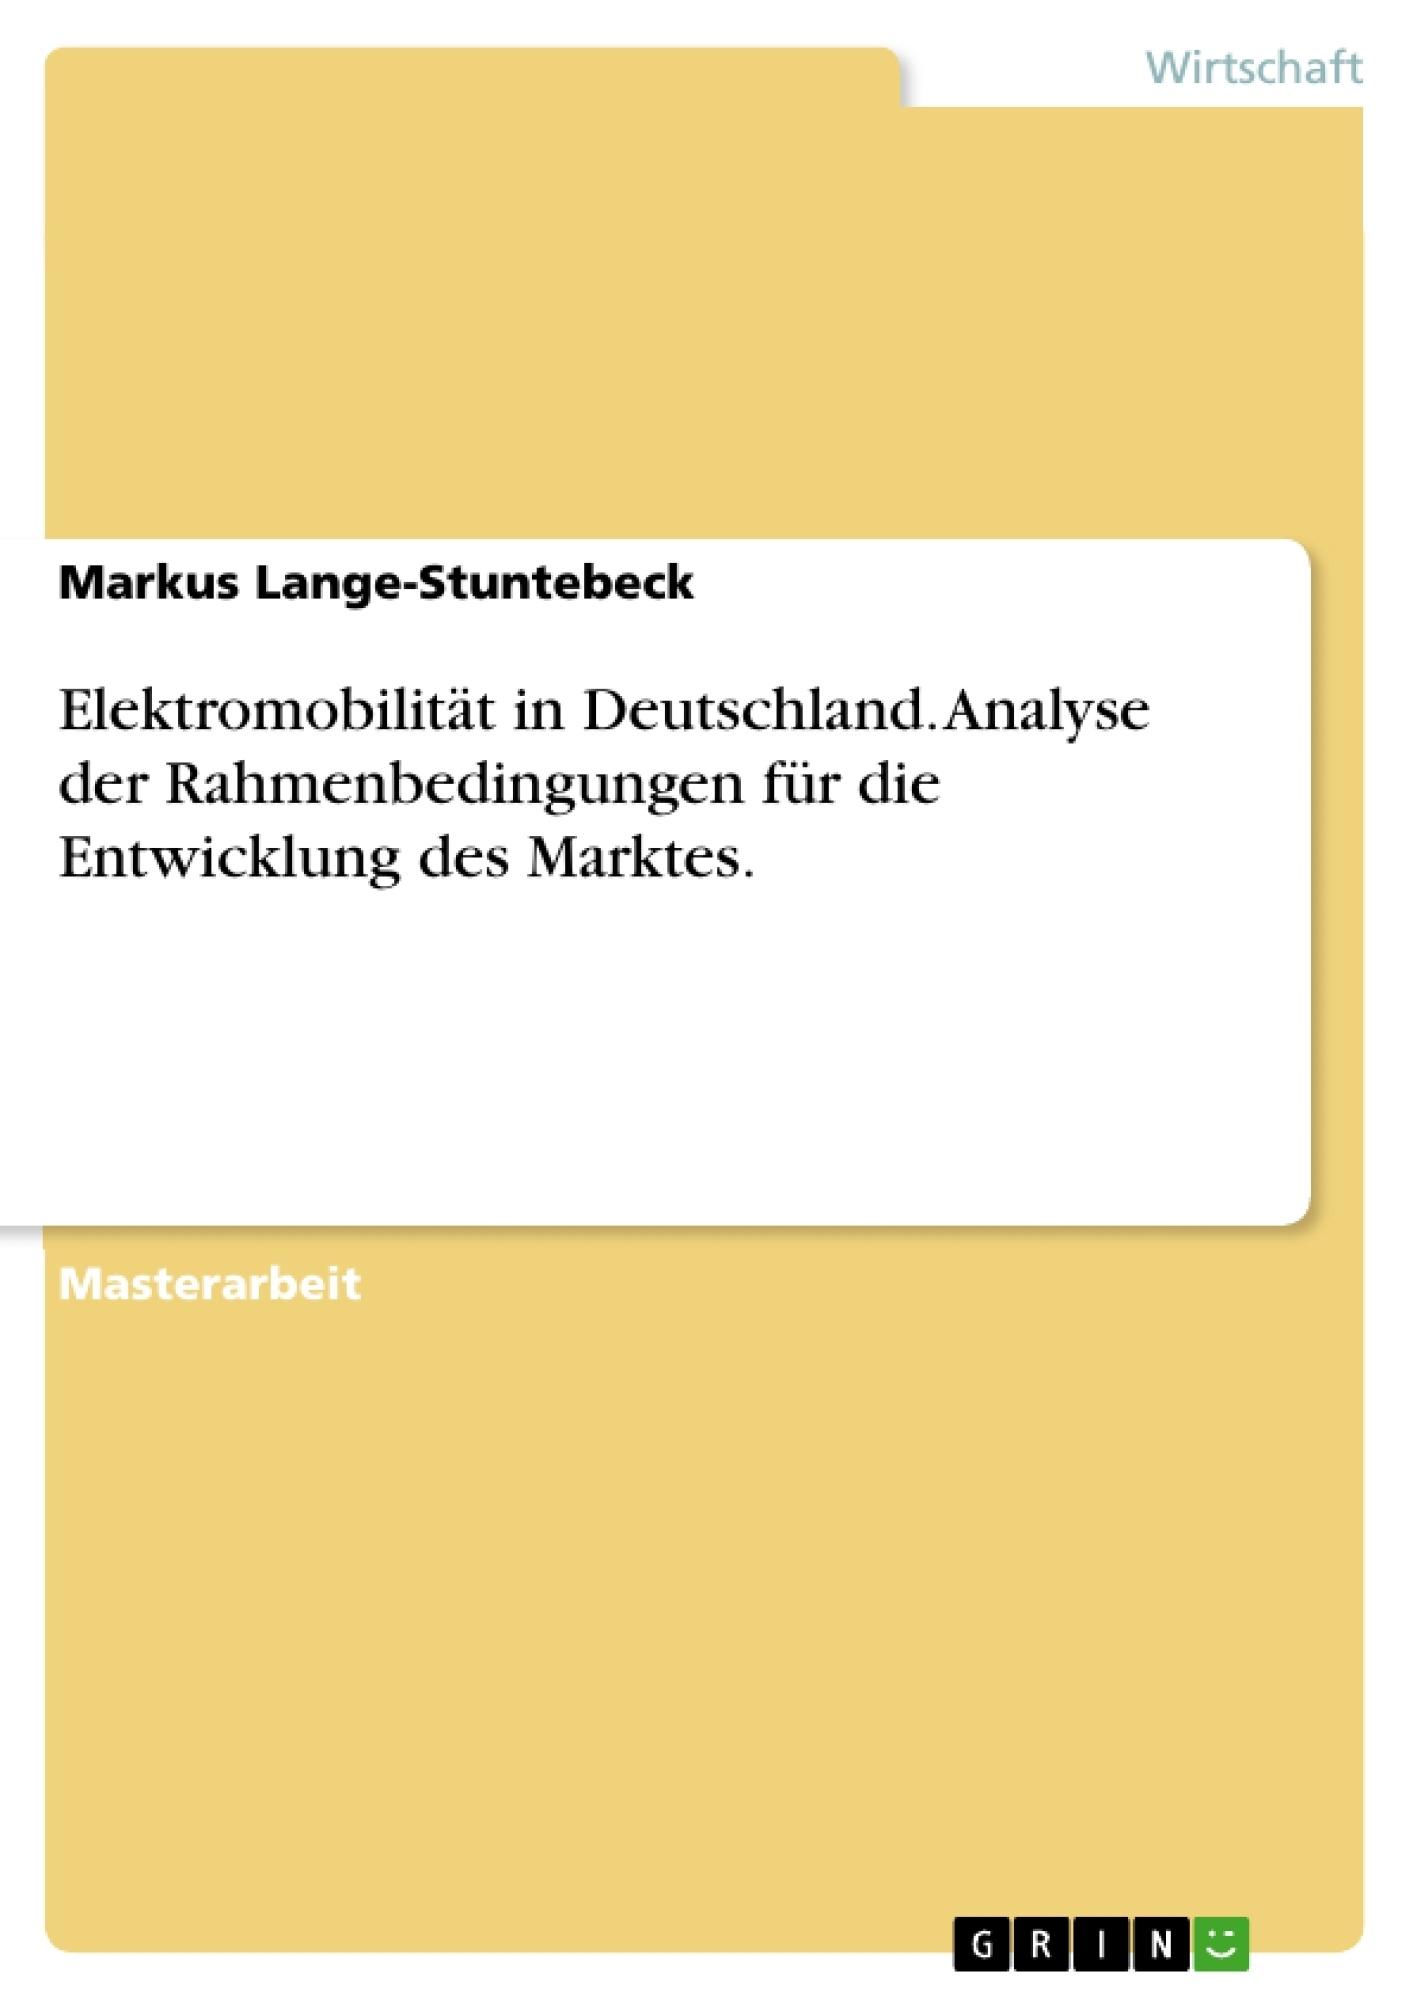 Titel: Elektromobilität in Deutschland. Analyse der Rahmenbedingungen für die Entwicklung des Marktes.